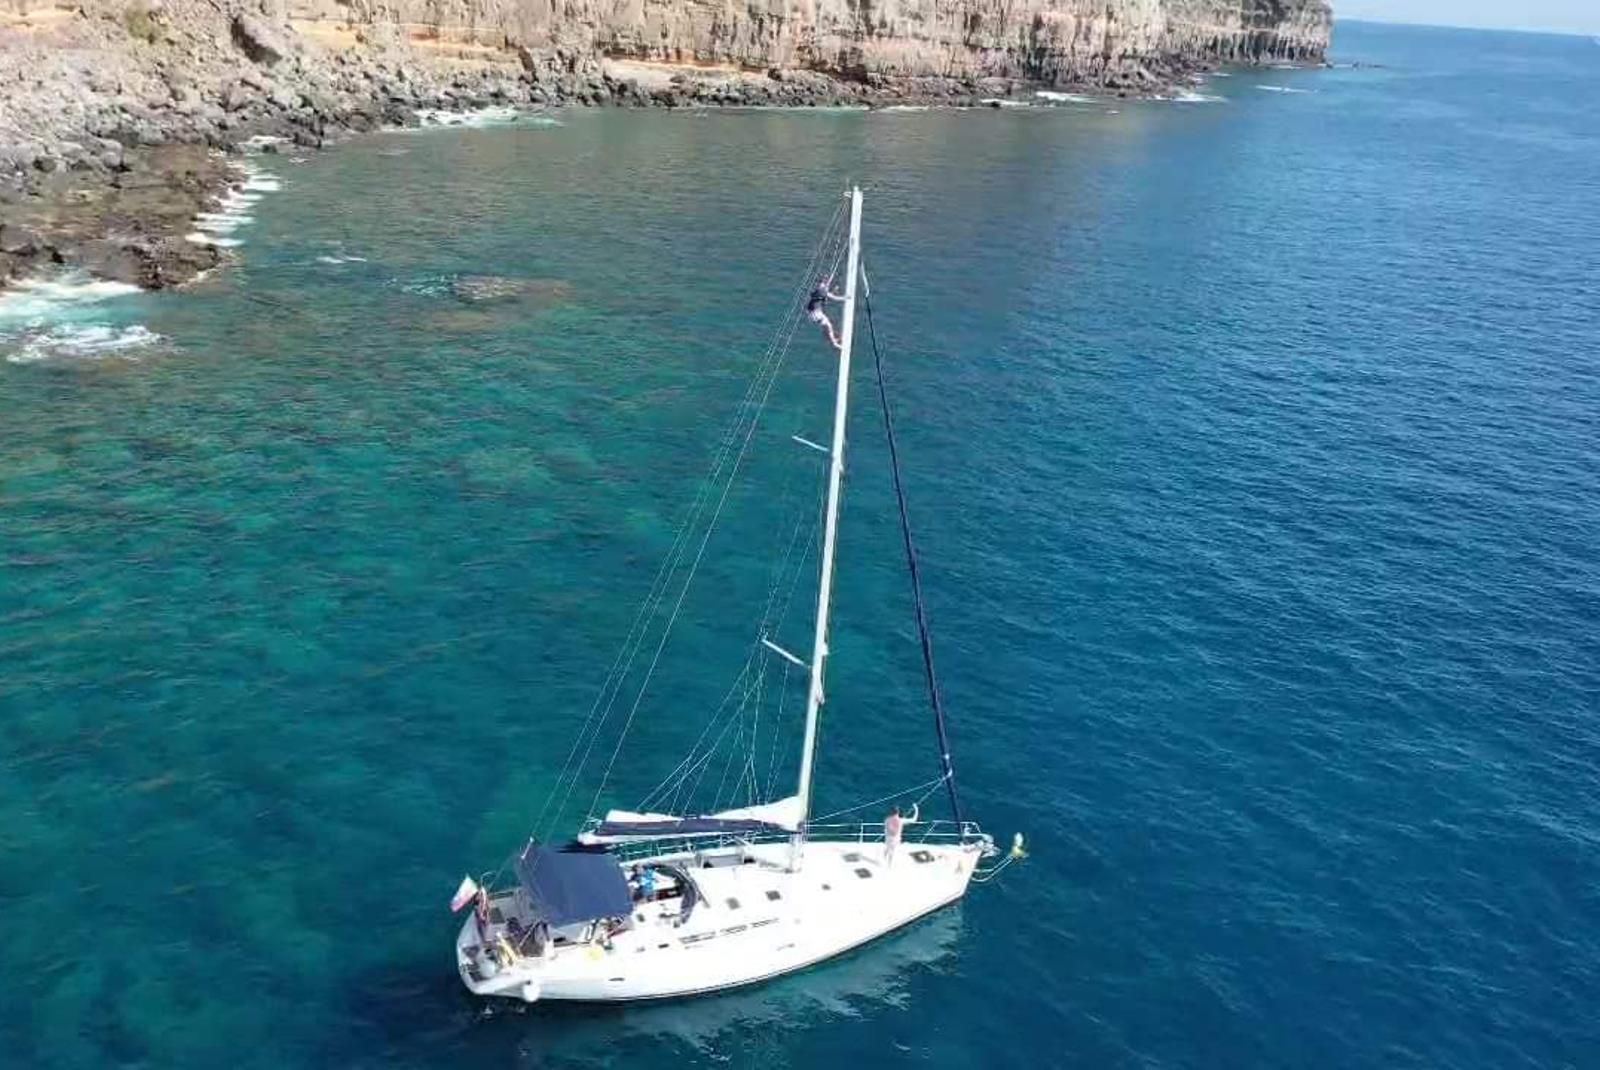 Sailing-Boat-Trip-from-Puerto-de-Mogan-5